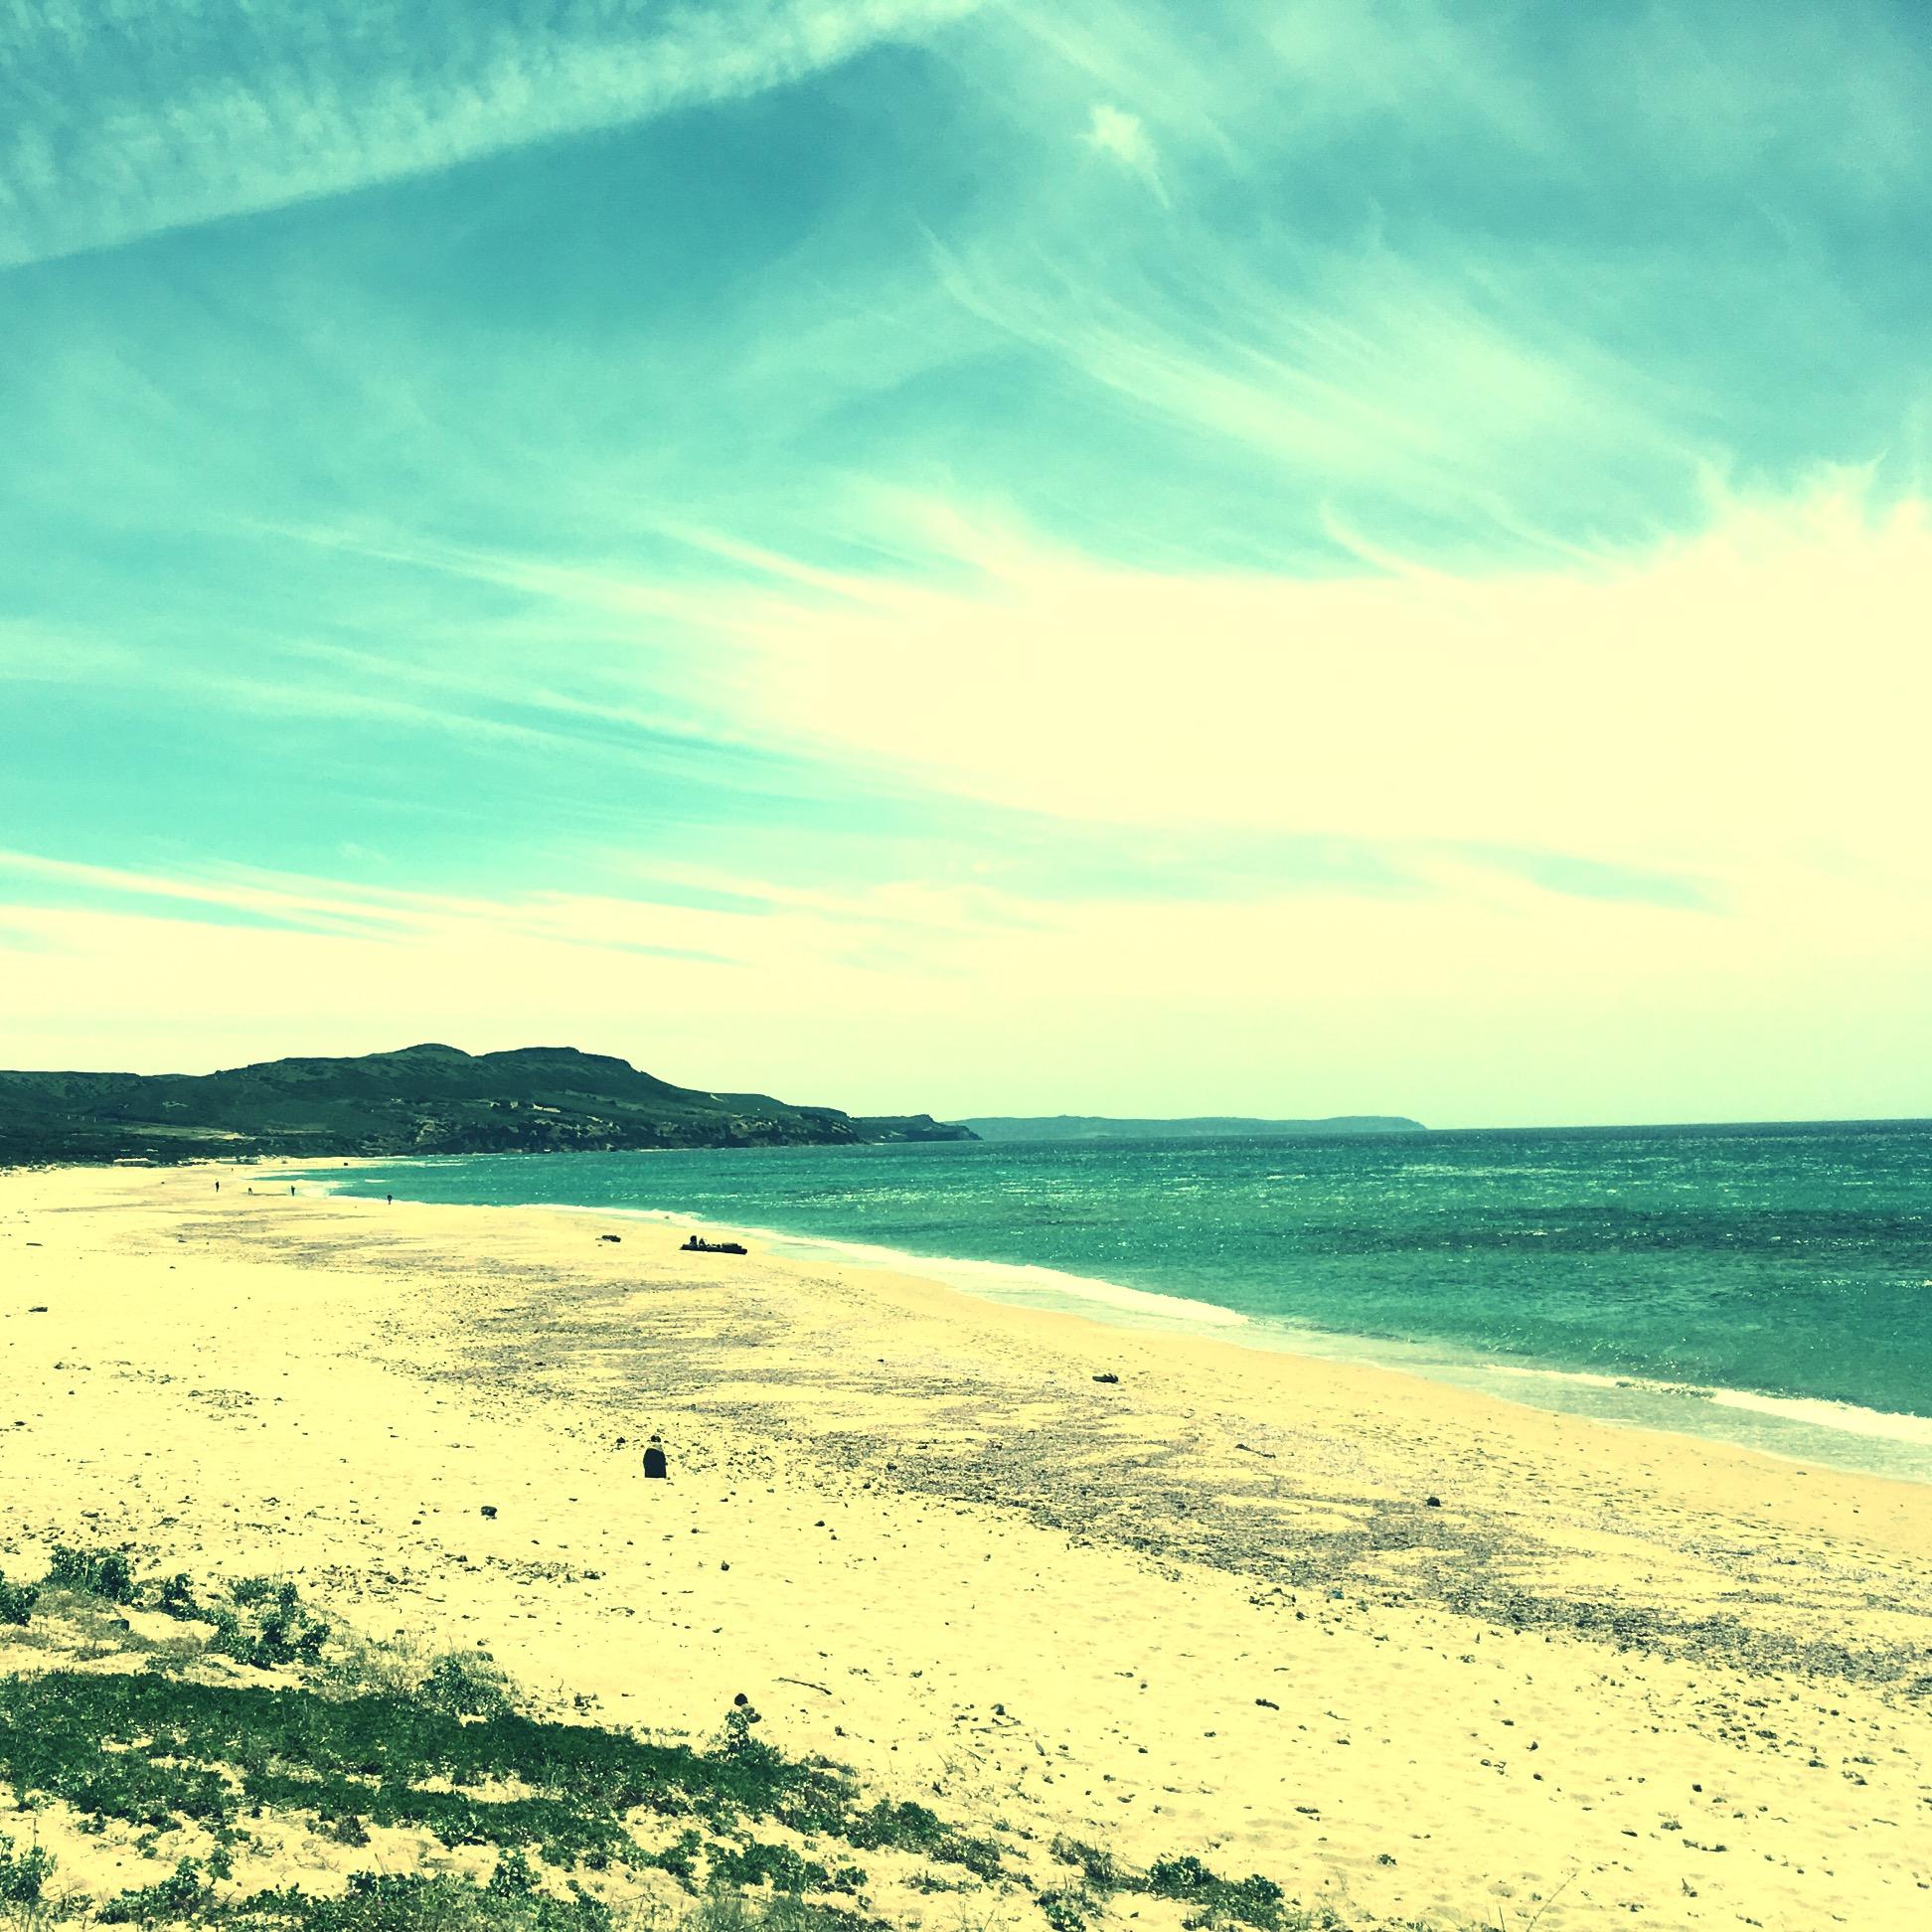 Spiaggia di Fontanamare, Sardegna